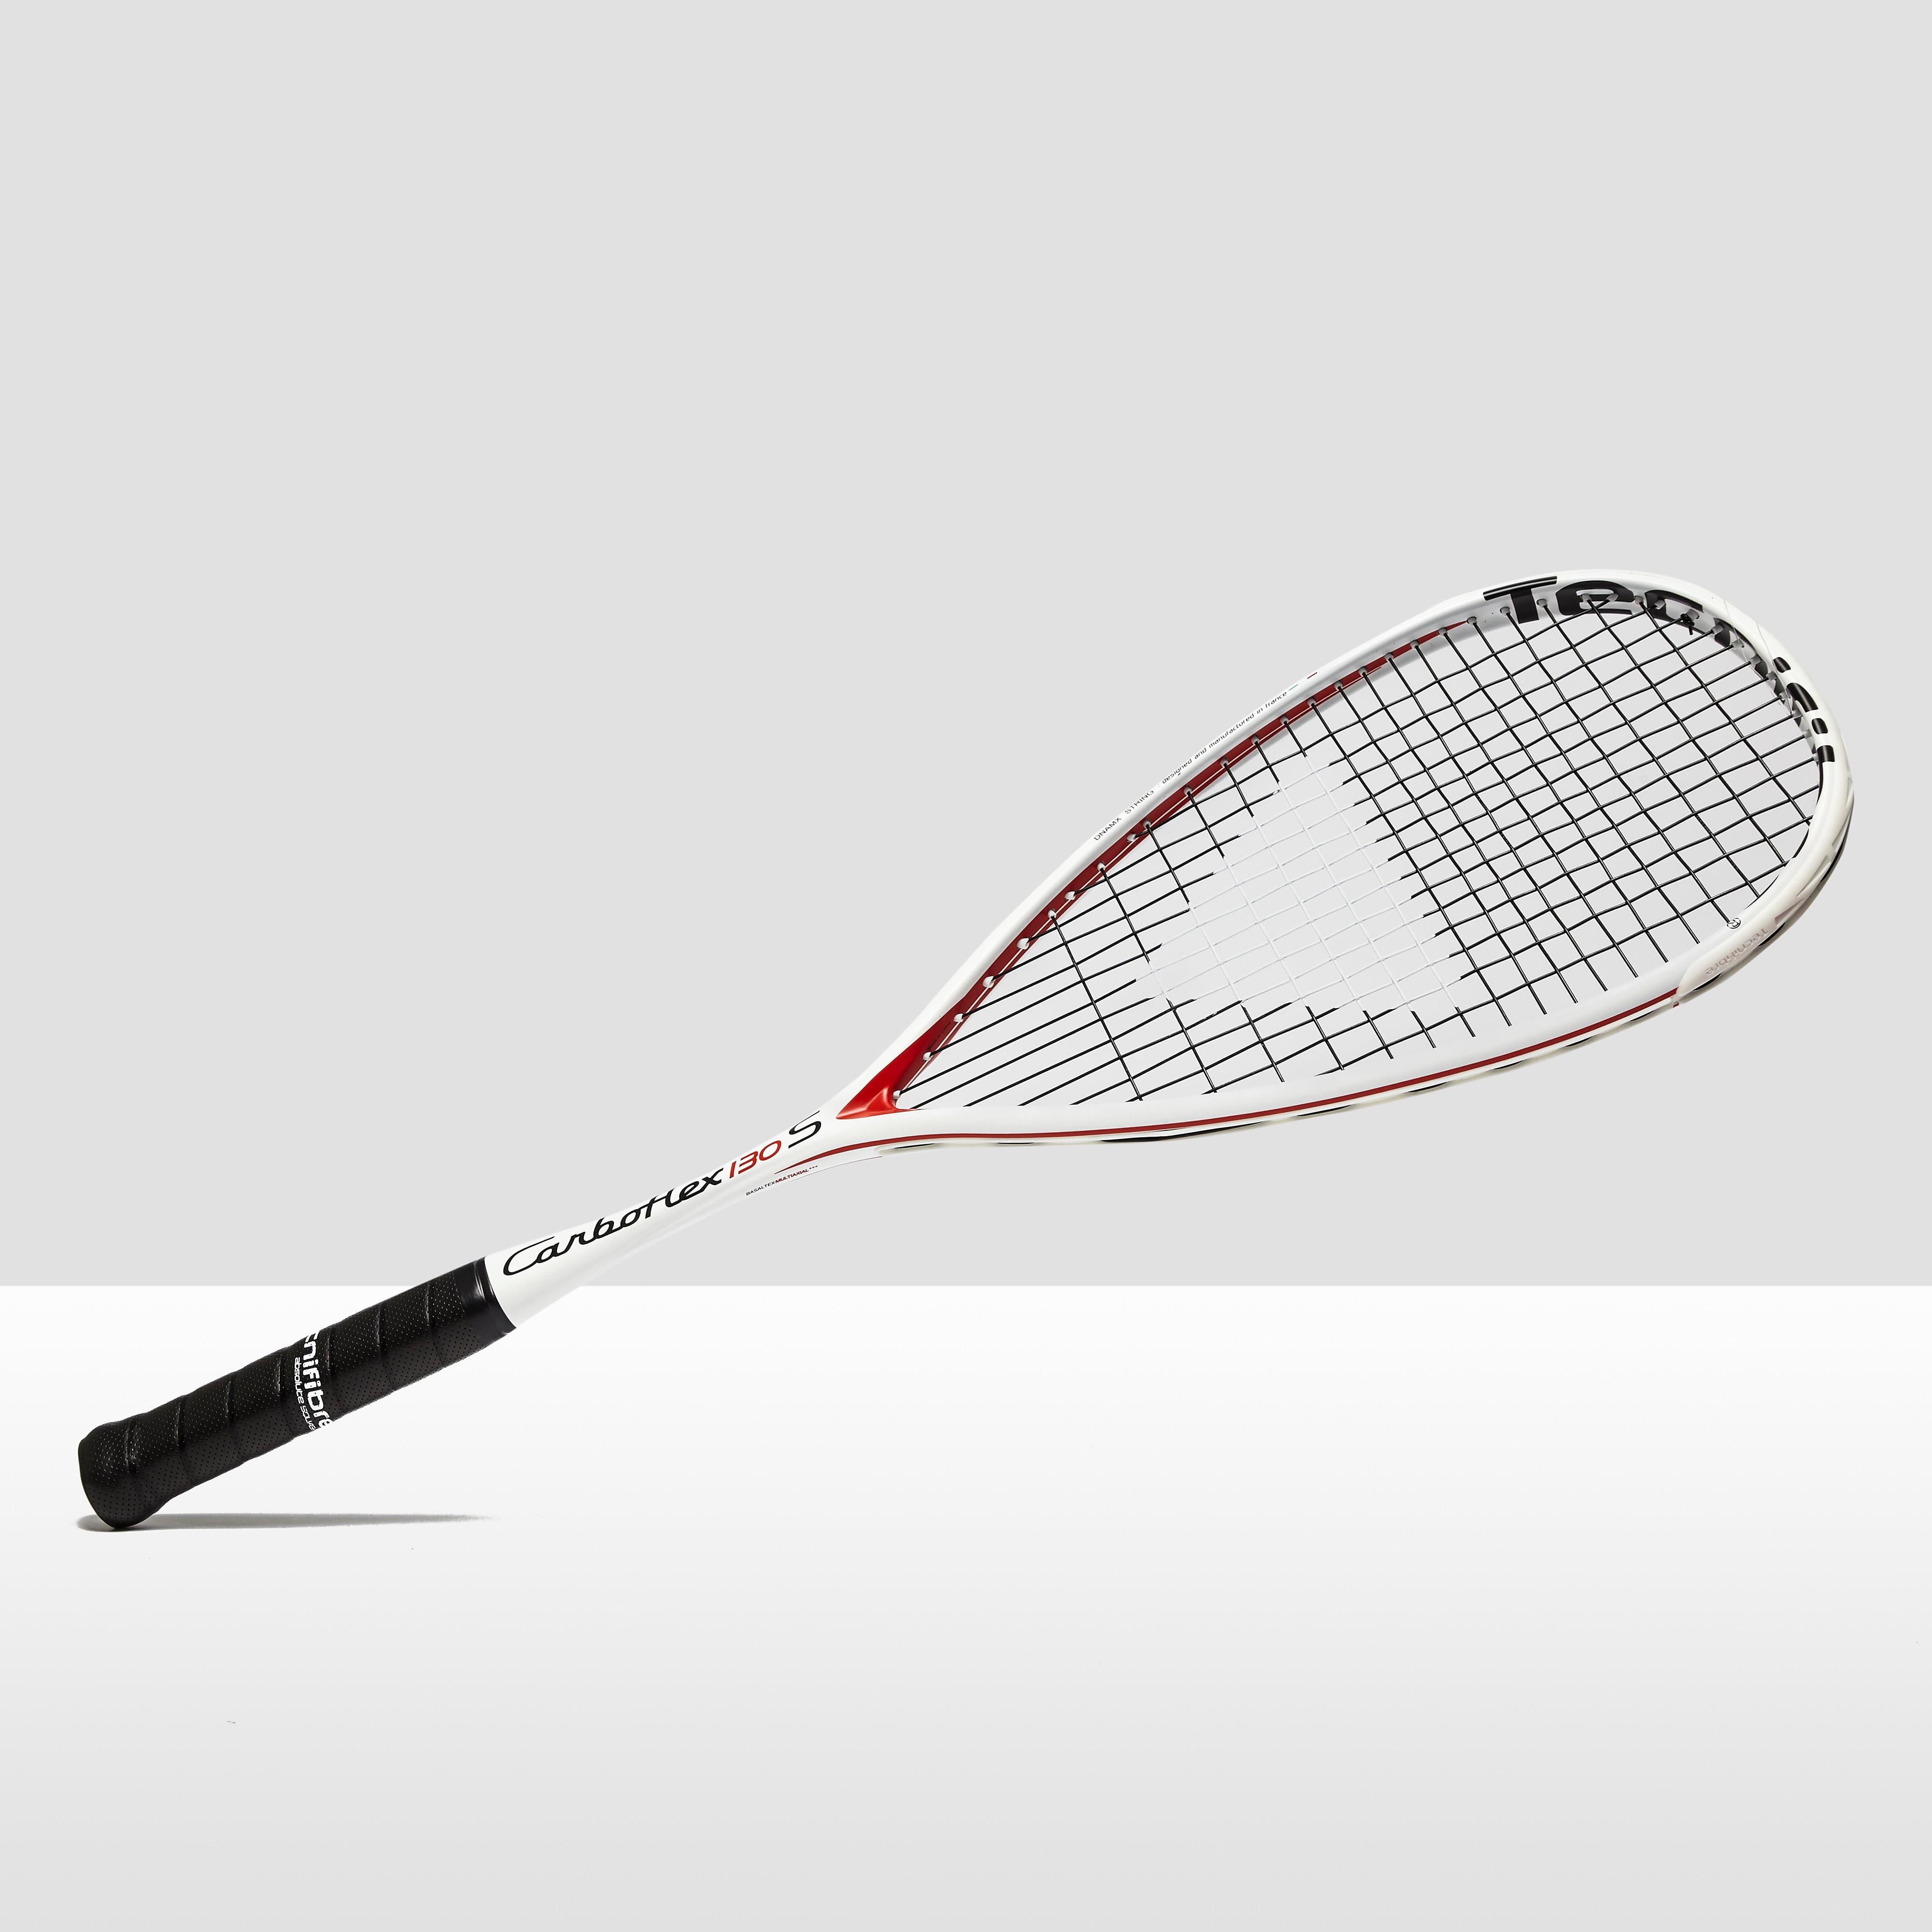 Tecnifibre Carboflex 130 Squash Racket